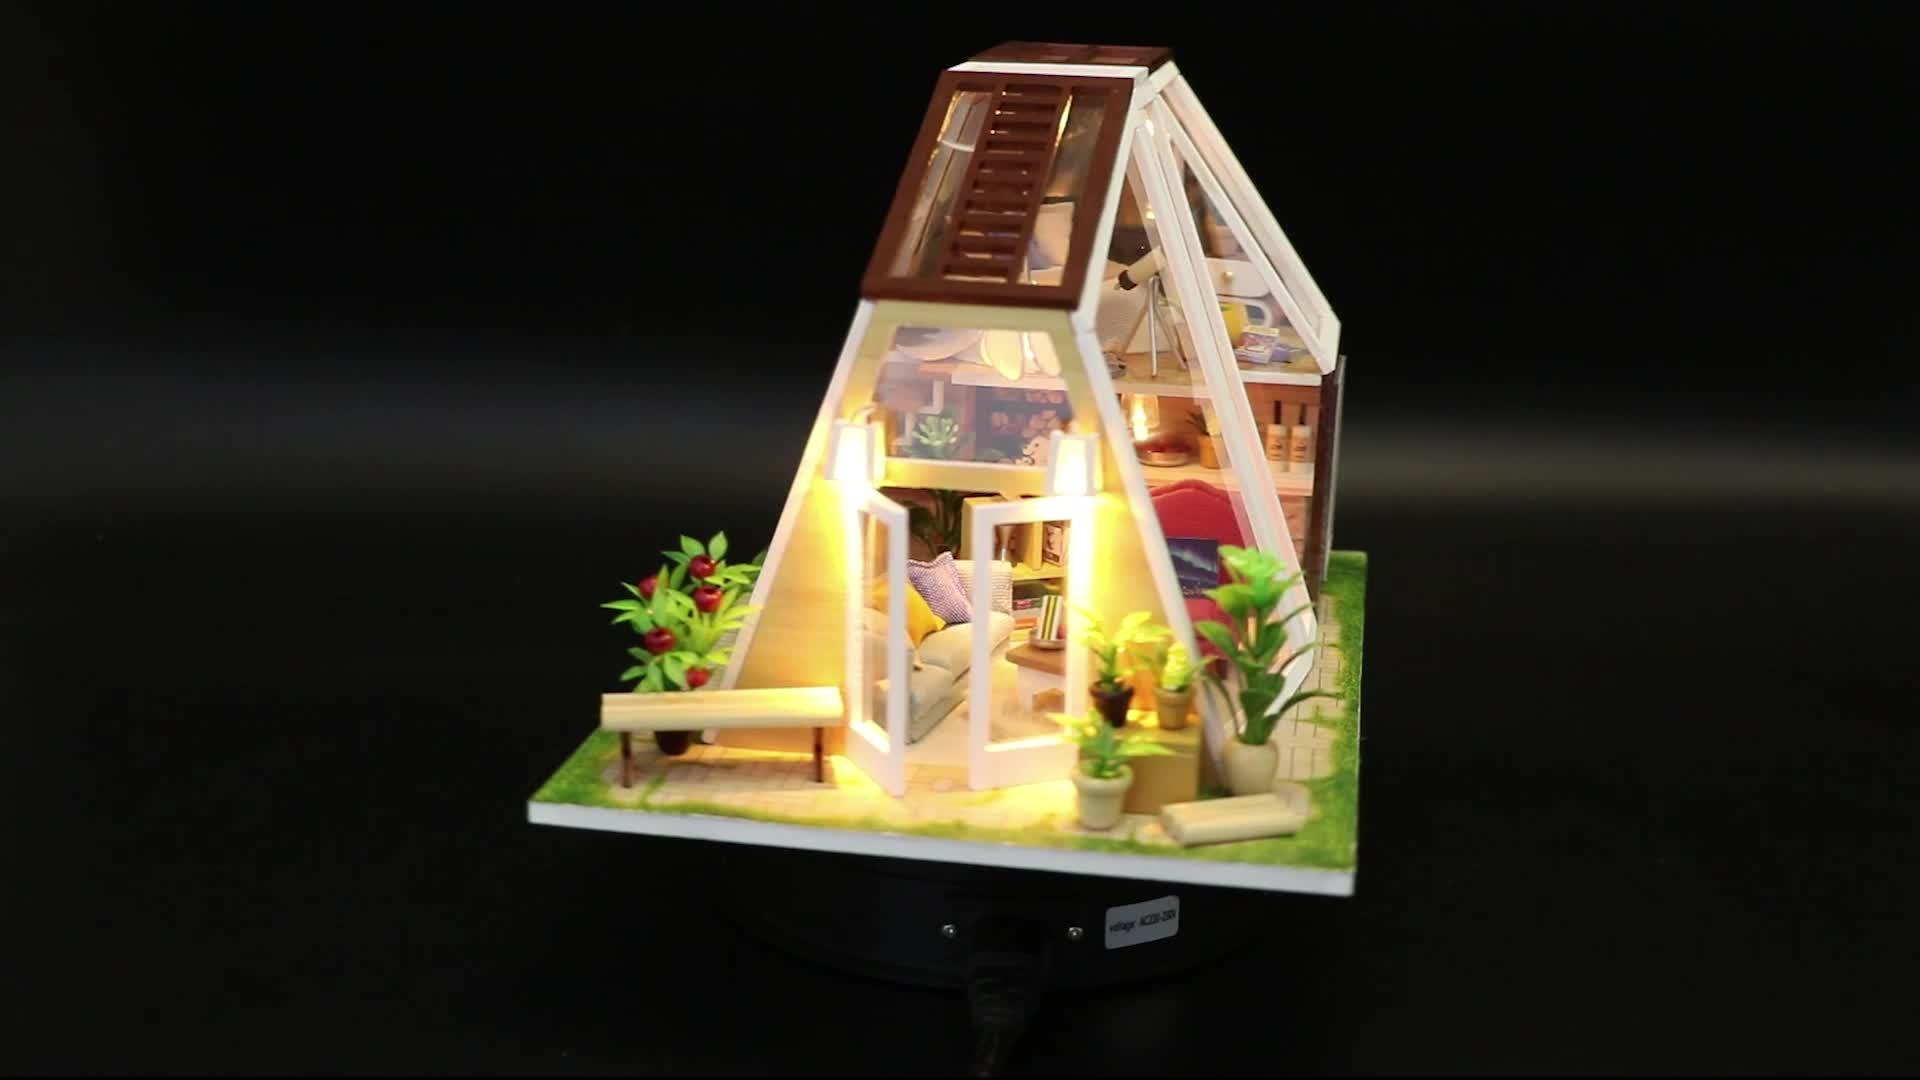 คริสต์มาสของขวัญงานฝีมือ 3d ชุดของขวัญ dollhouse miniature architectural scale รุ่น